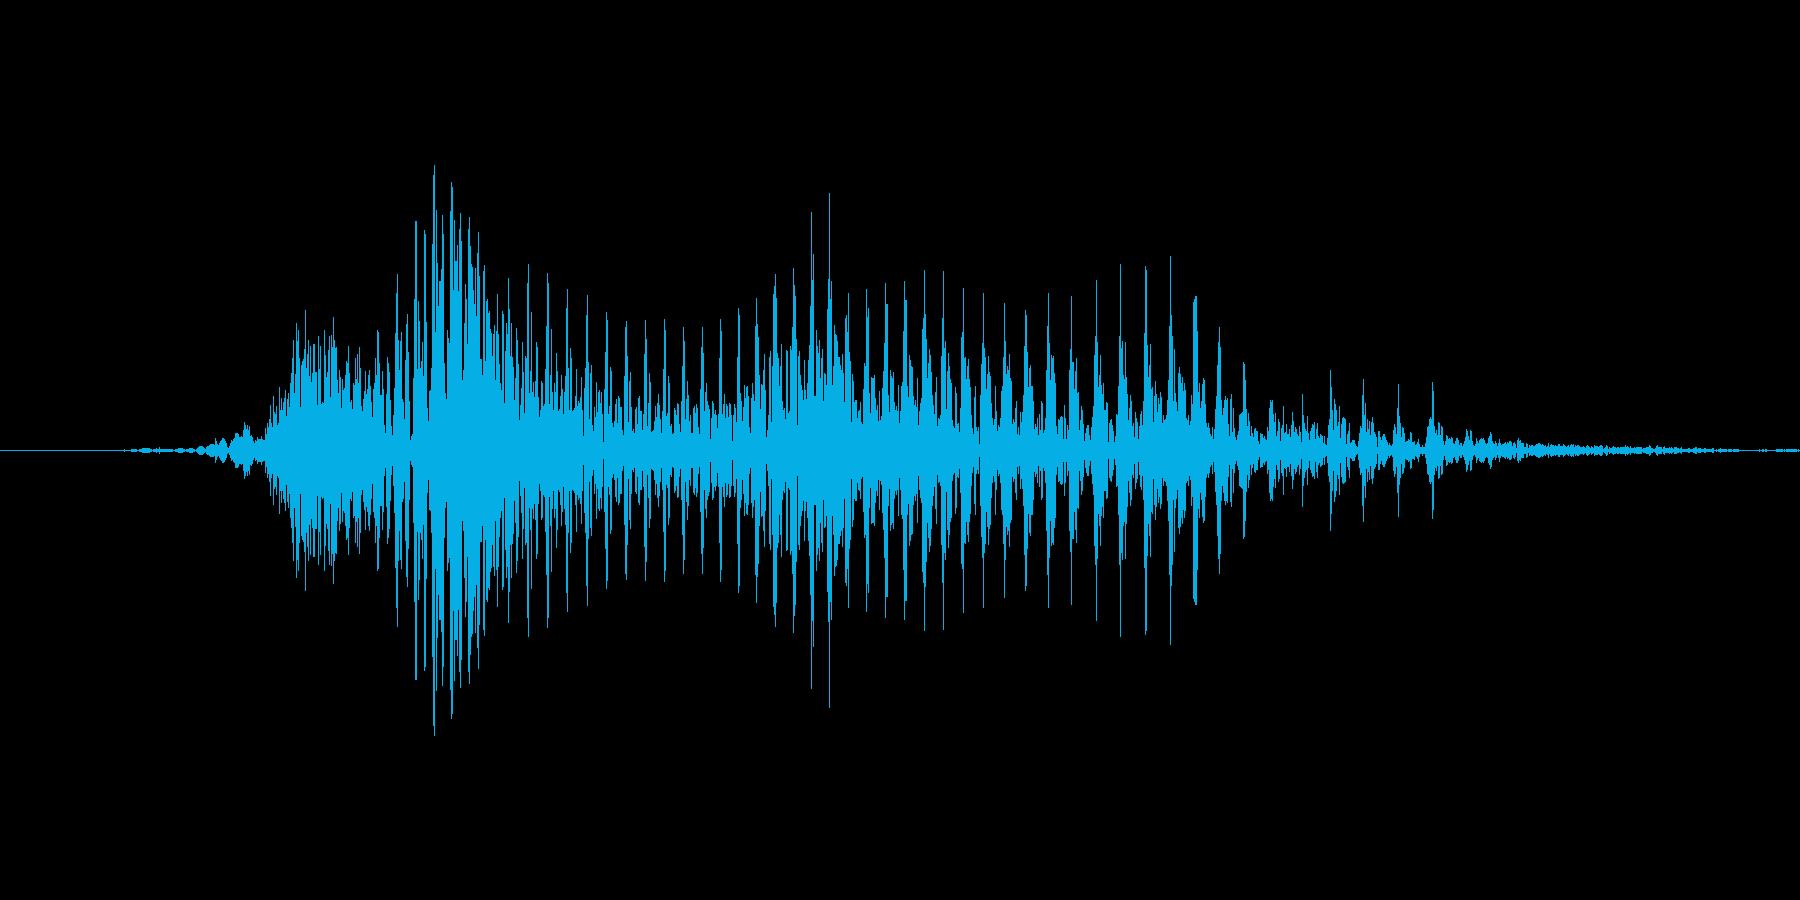 「July」英語発音の再生済みの波形